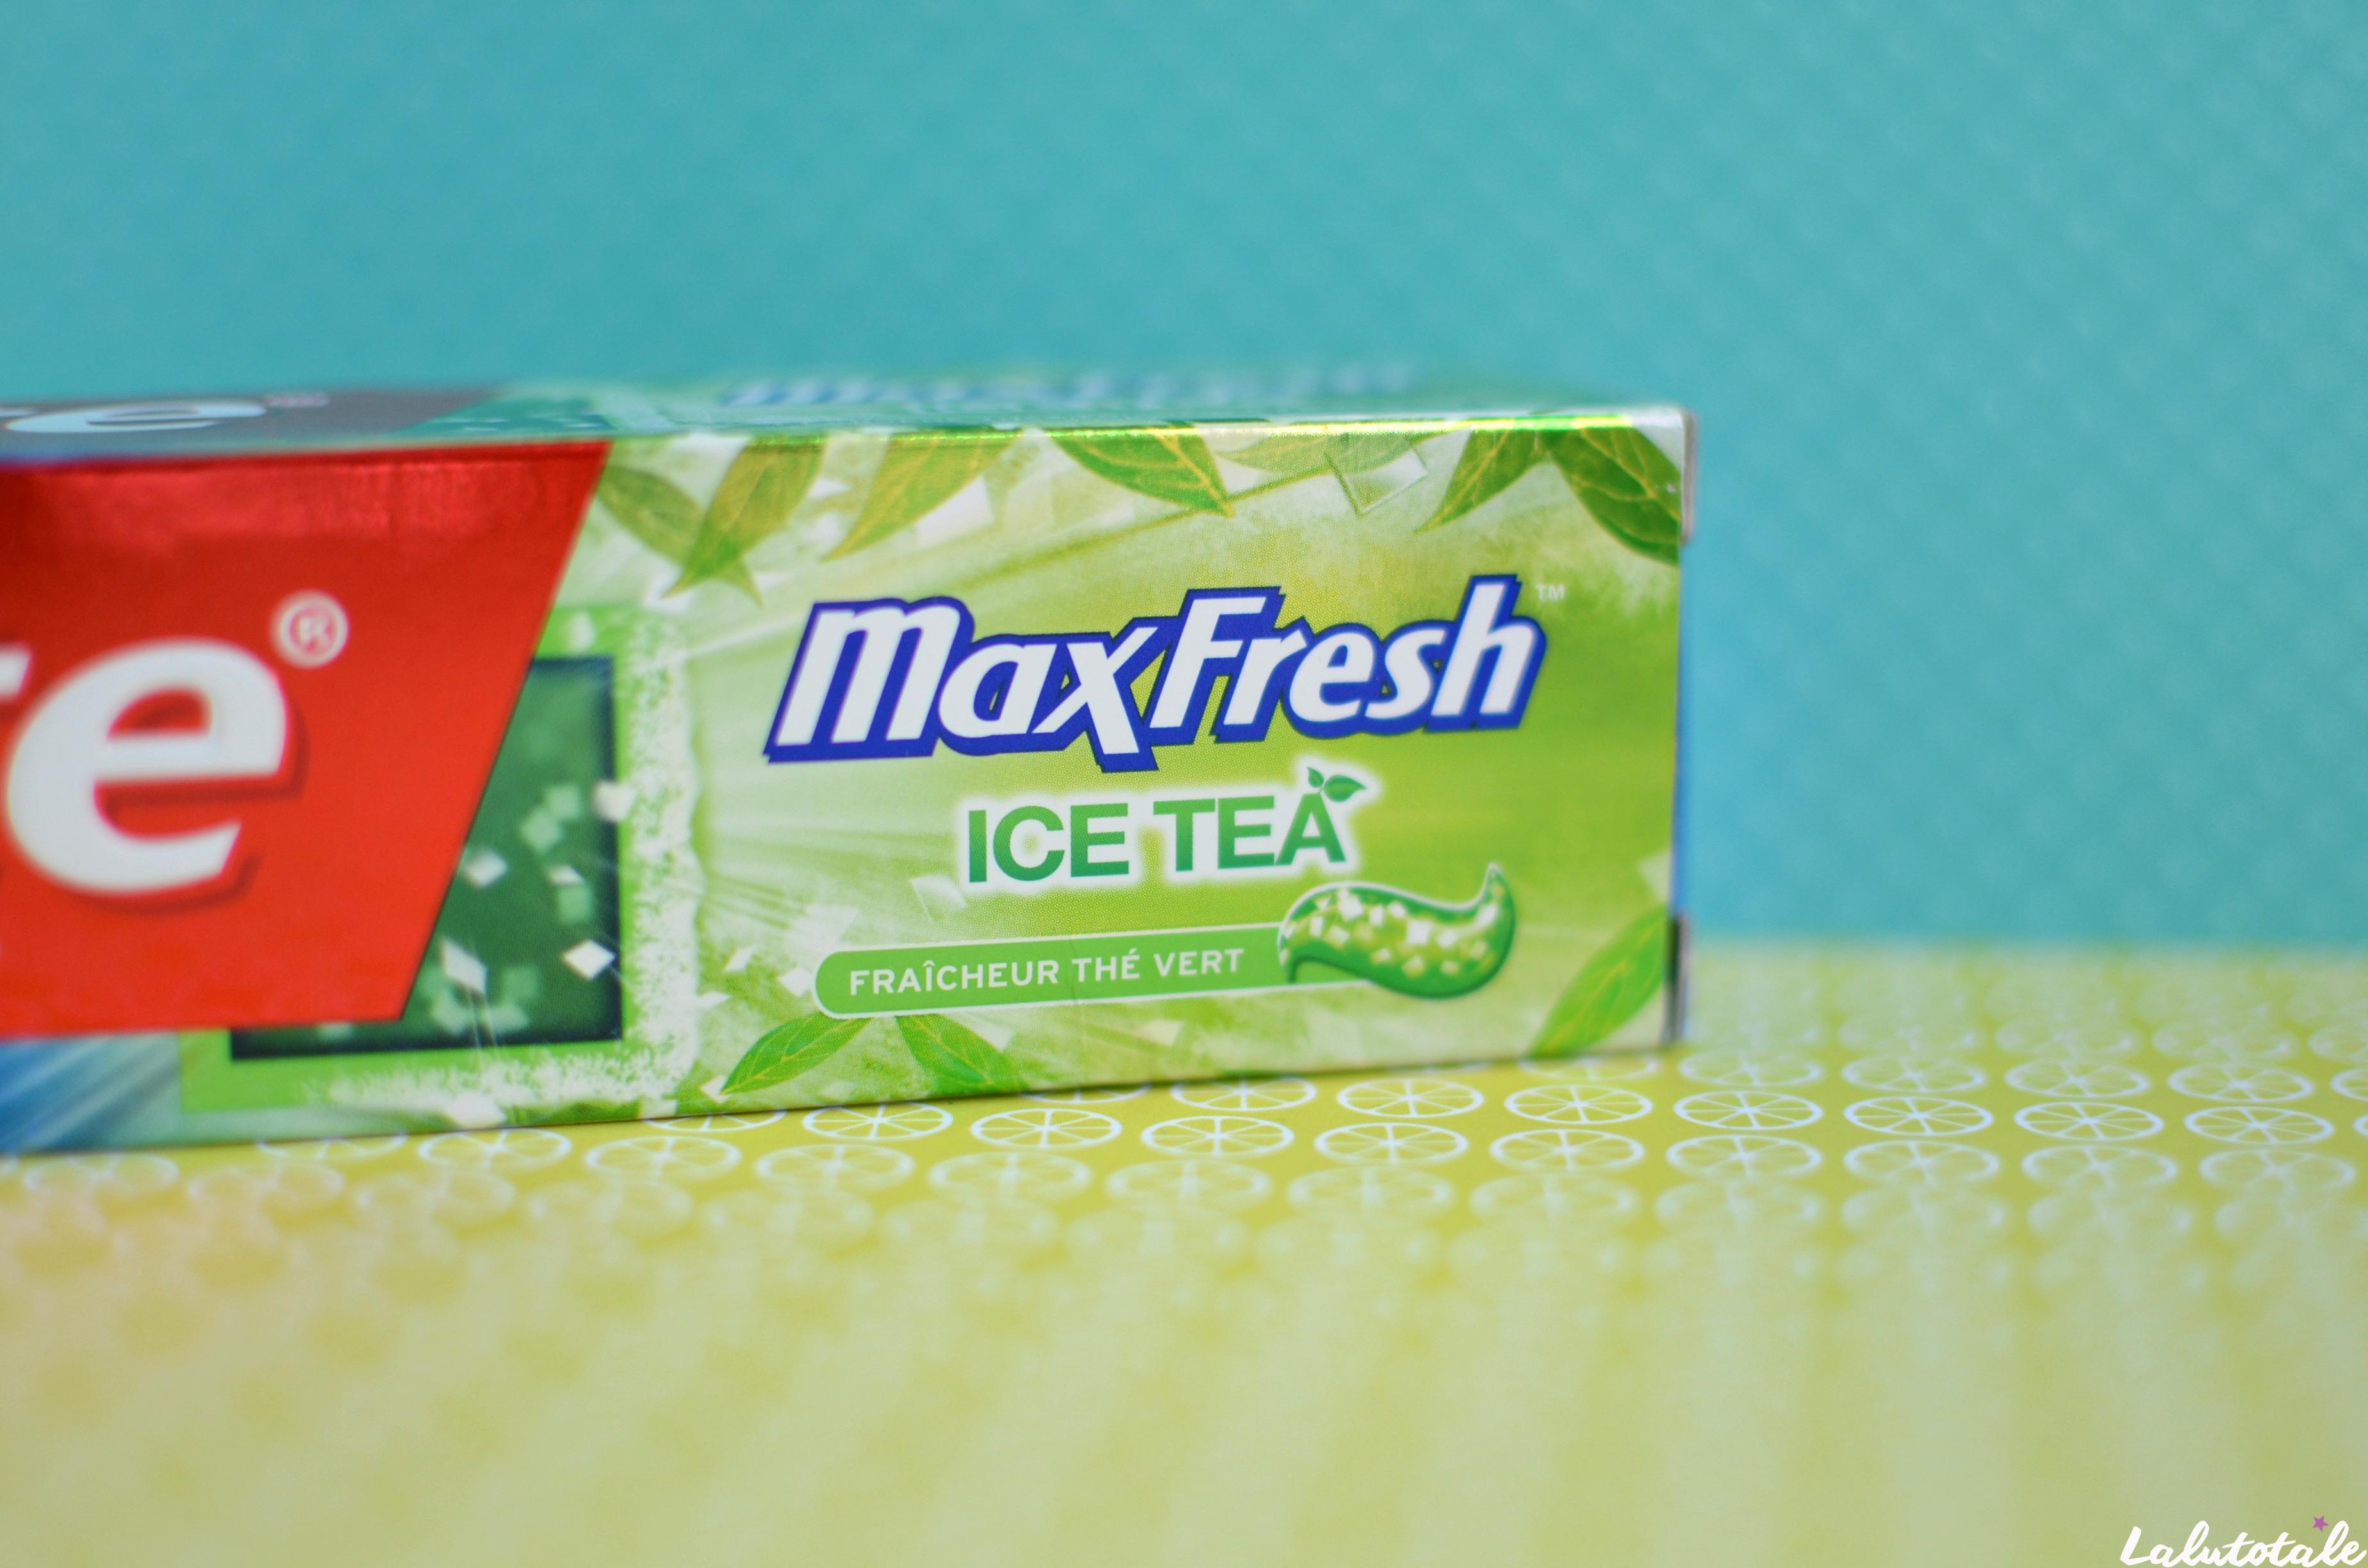 ( COLGATE ) L'article qui te tient en haleine, ou le nouveau Maxfresh au thé vert.